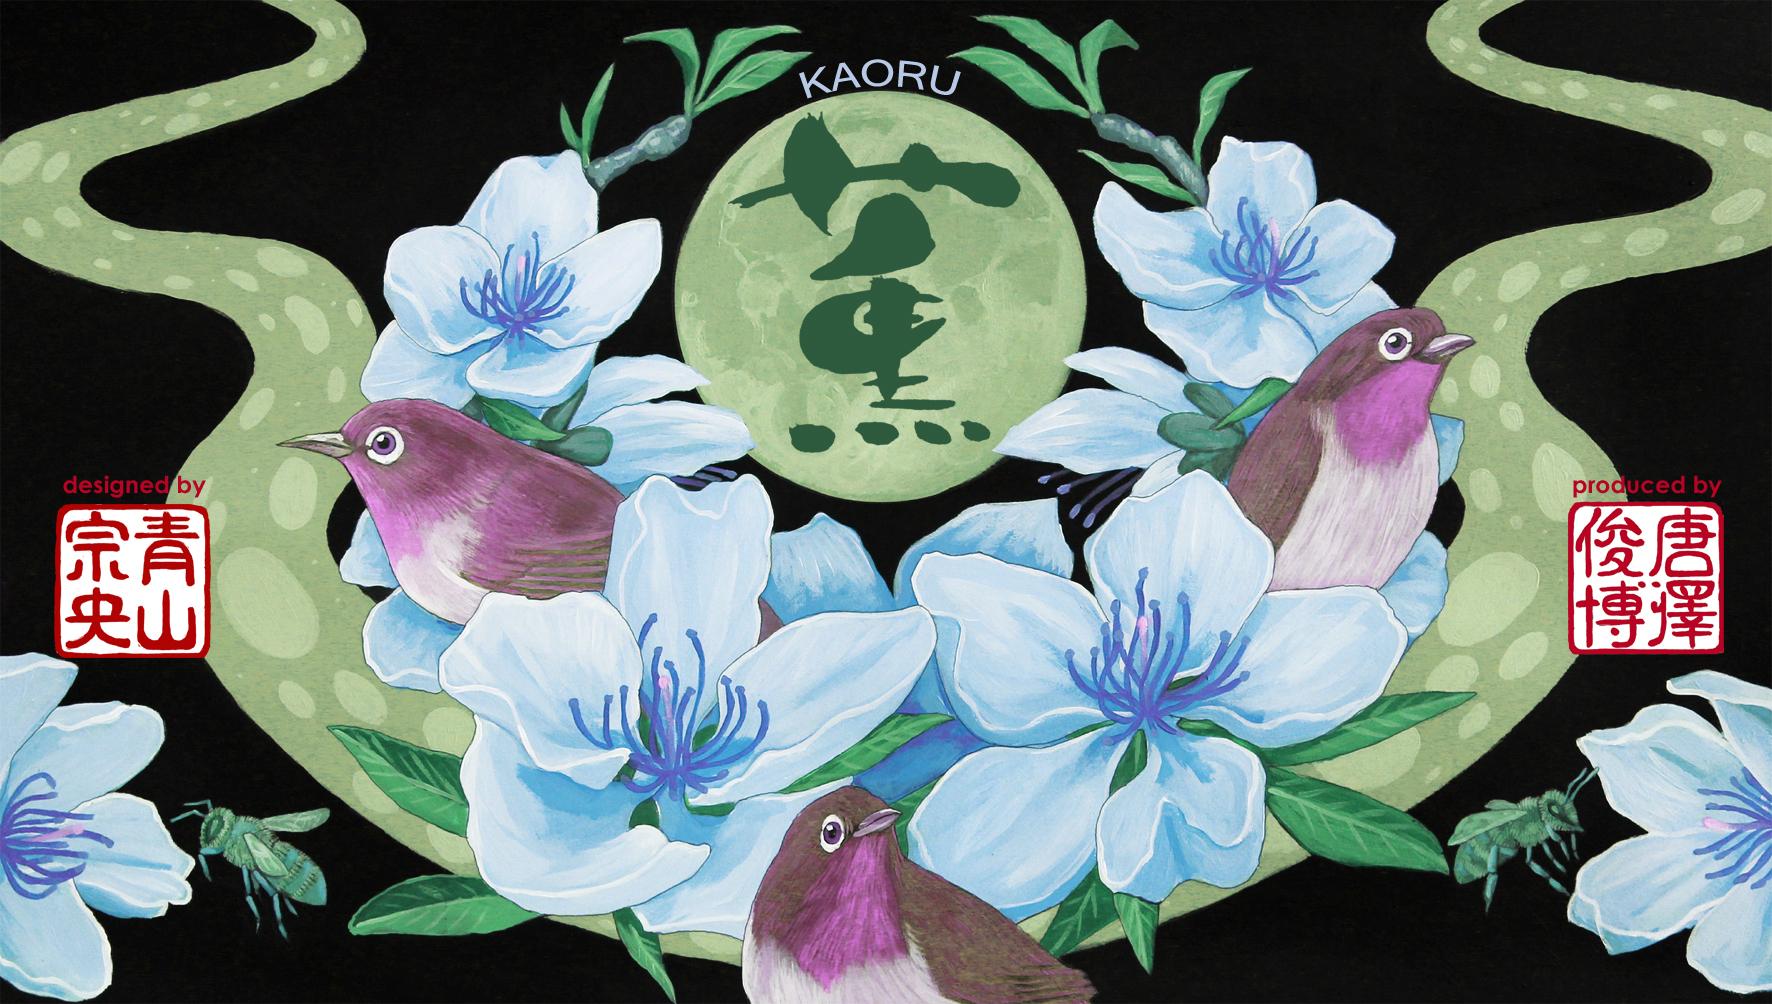 薫KAORU (日本酒)ラベル